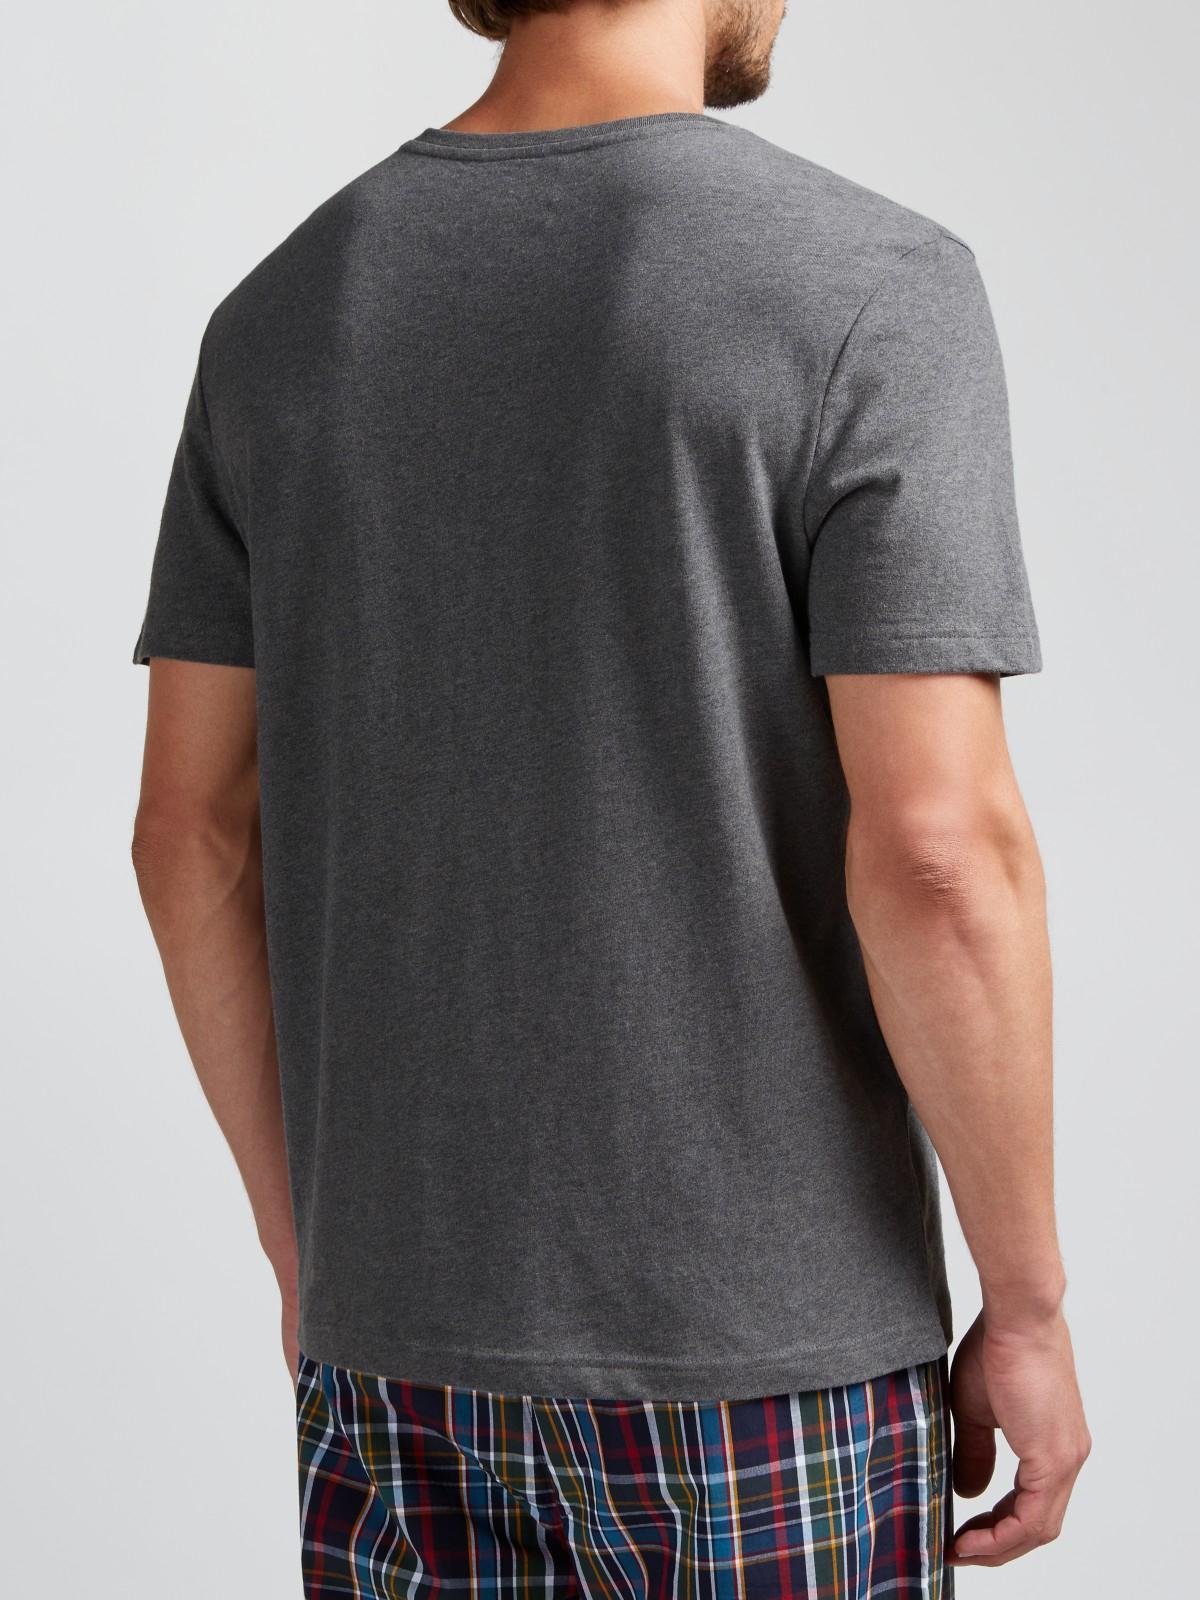 john lewis jersey cotton v neck t shirt in gray for men lyst. Black Bedroom Furniture Sets. Home Design Ideas